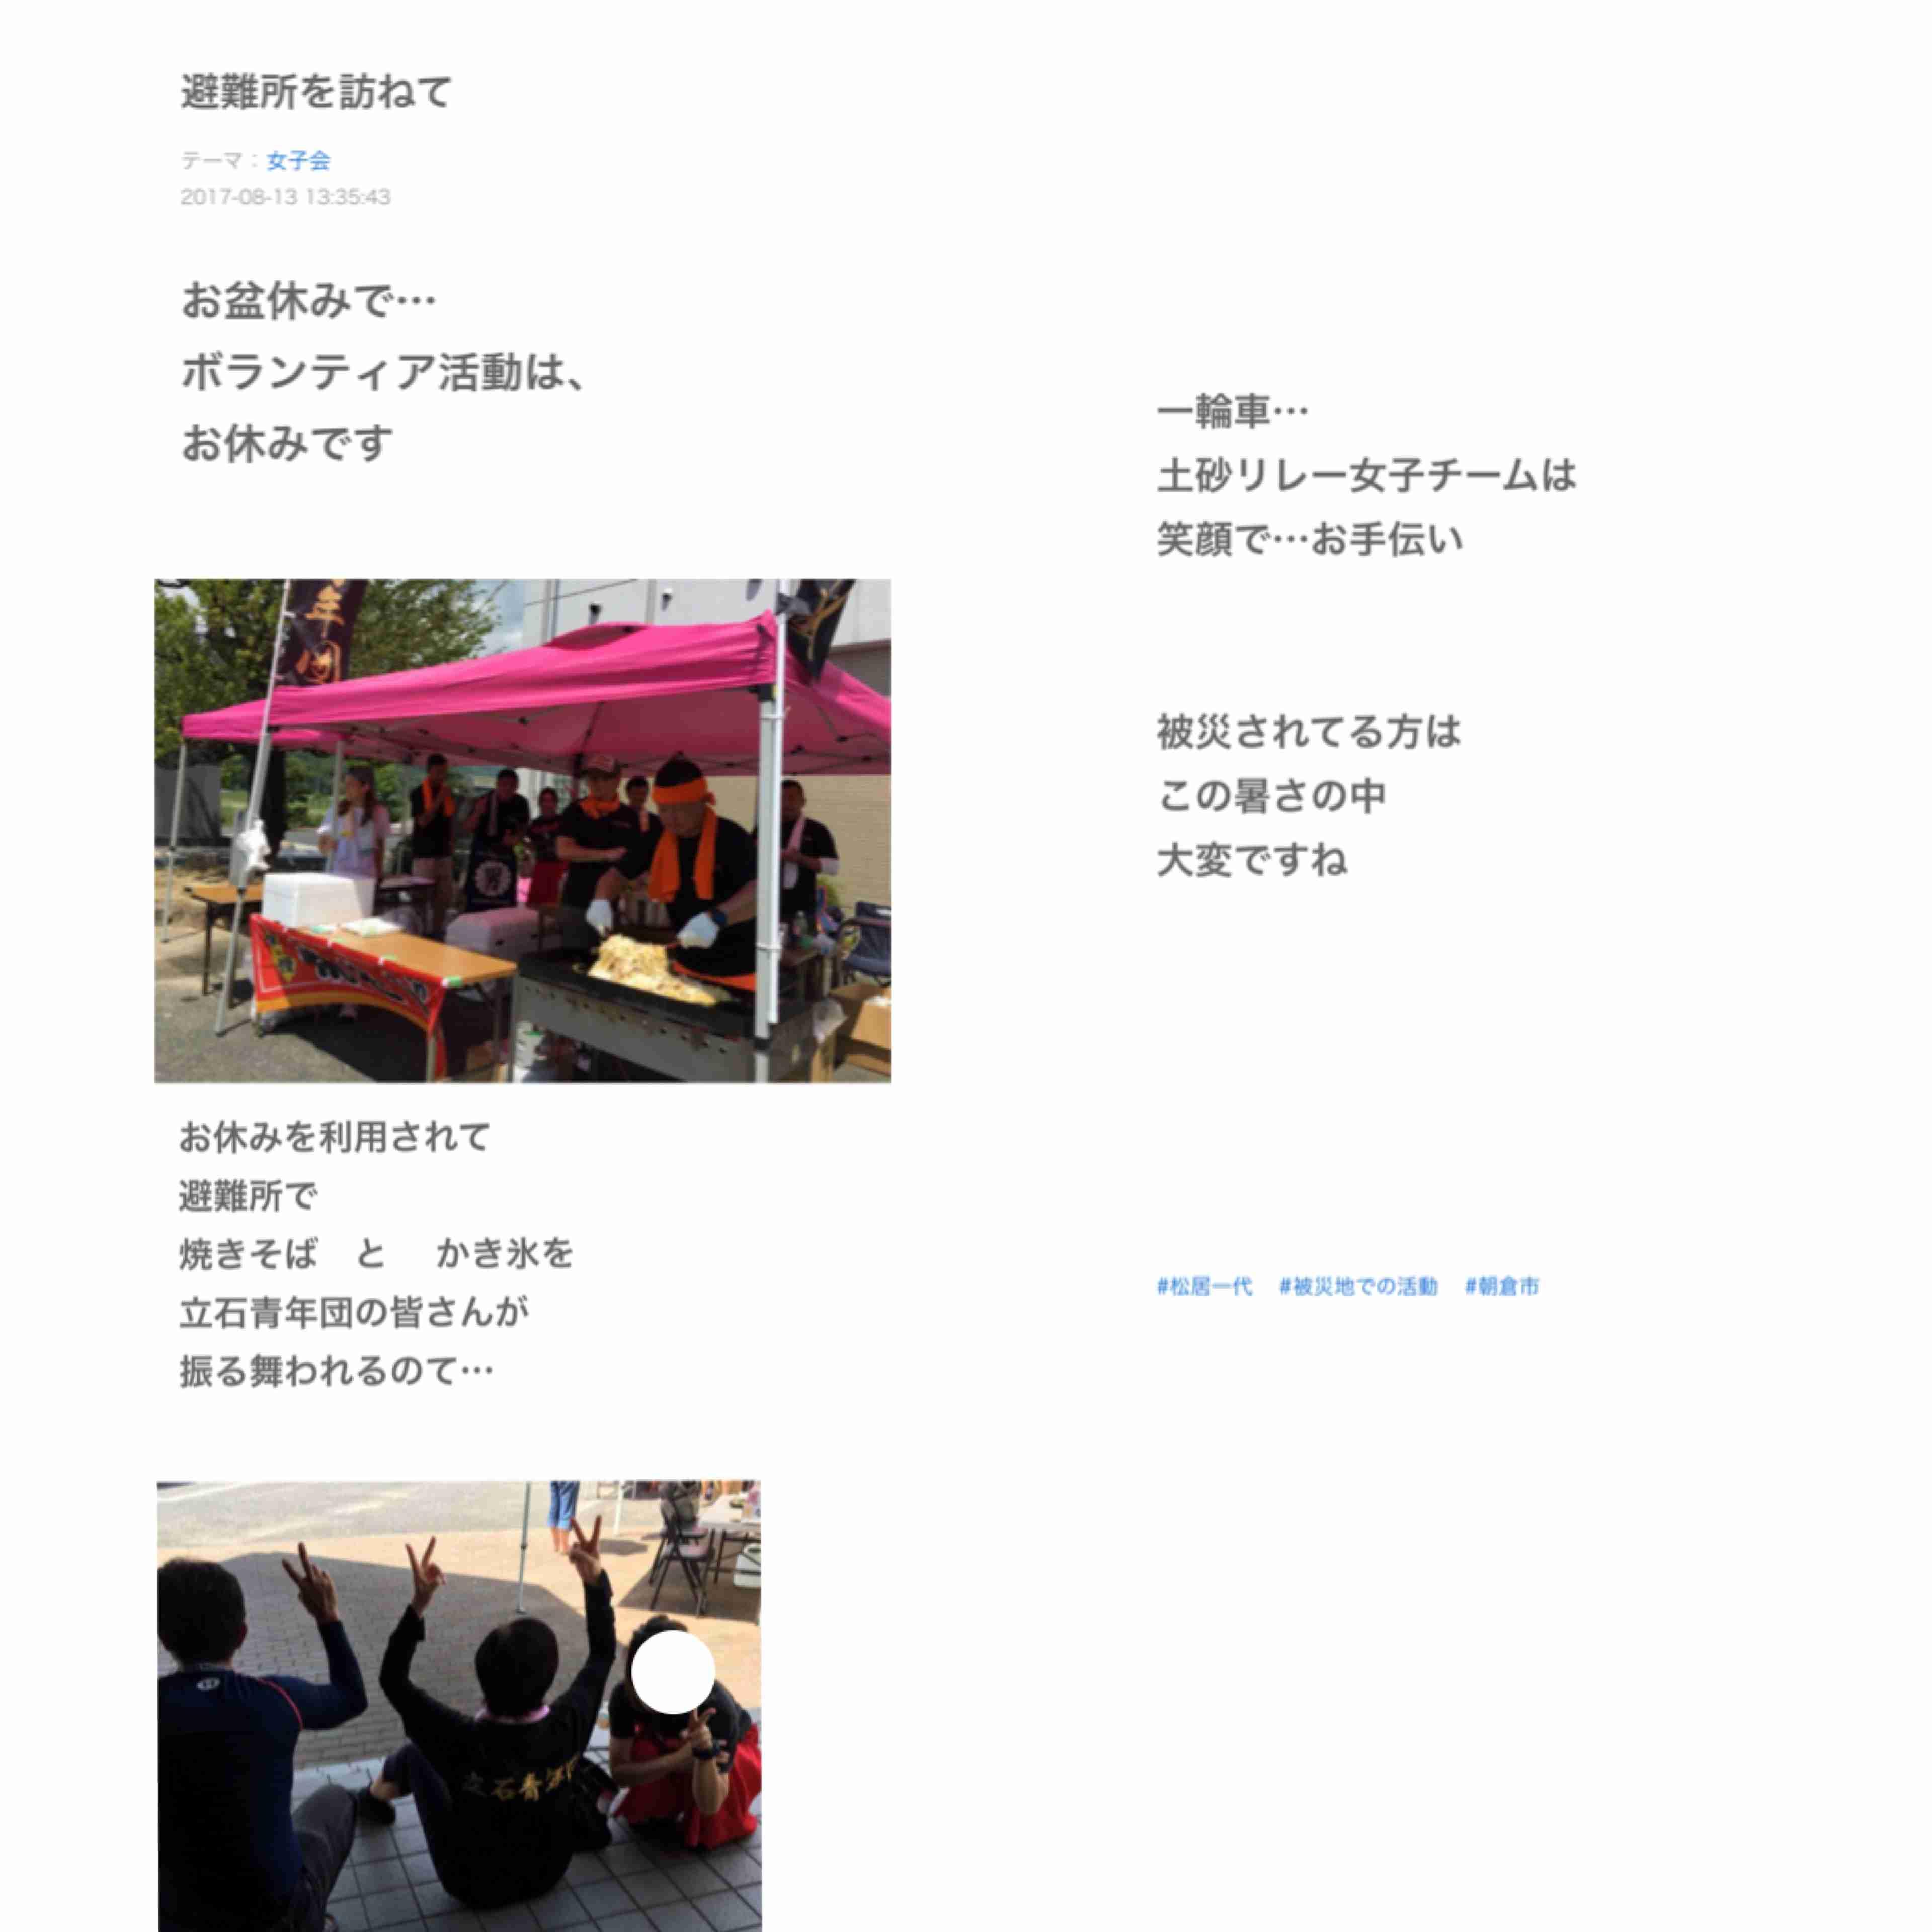 松居一代「なんに使うか…」被災地に持ってきた現金の使い道をブログで明かす